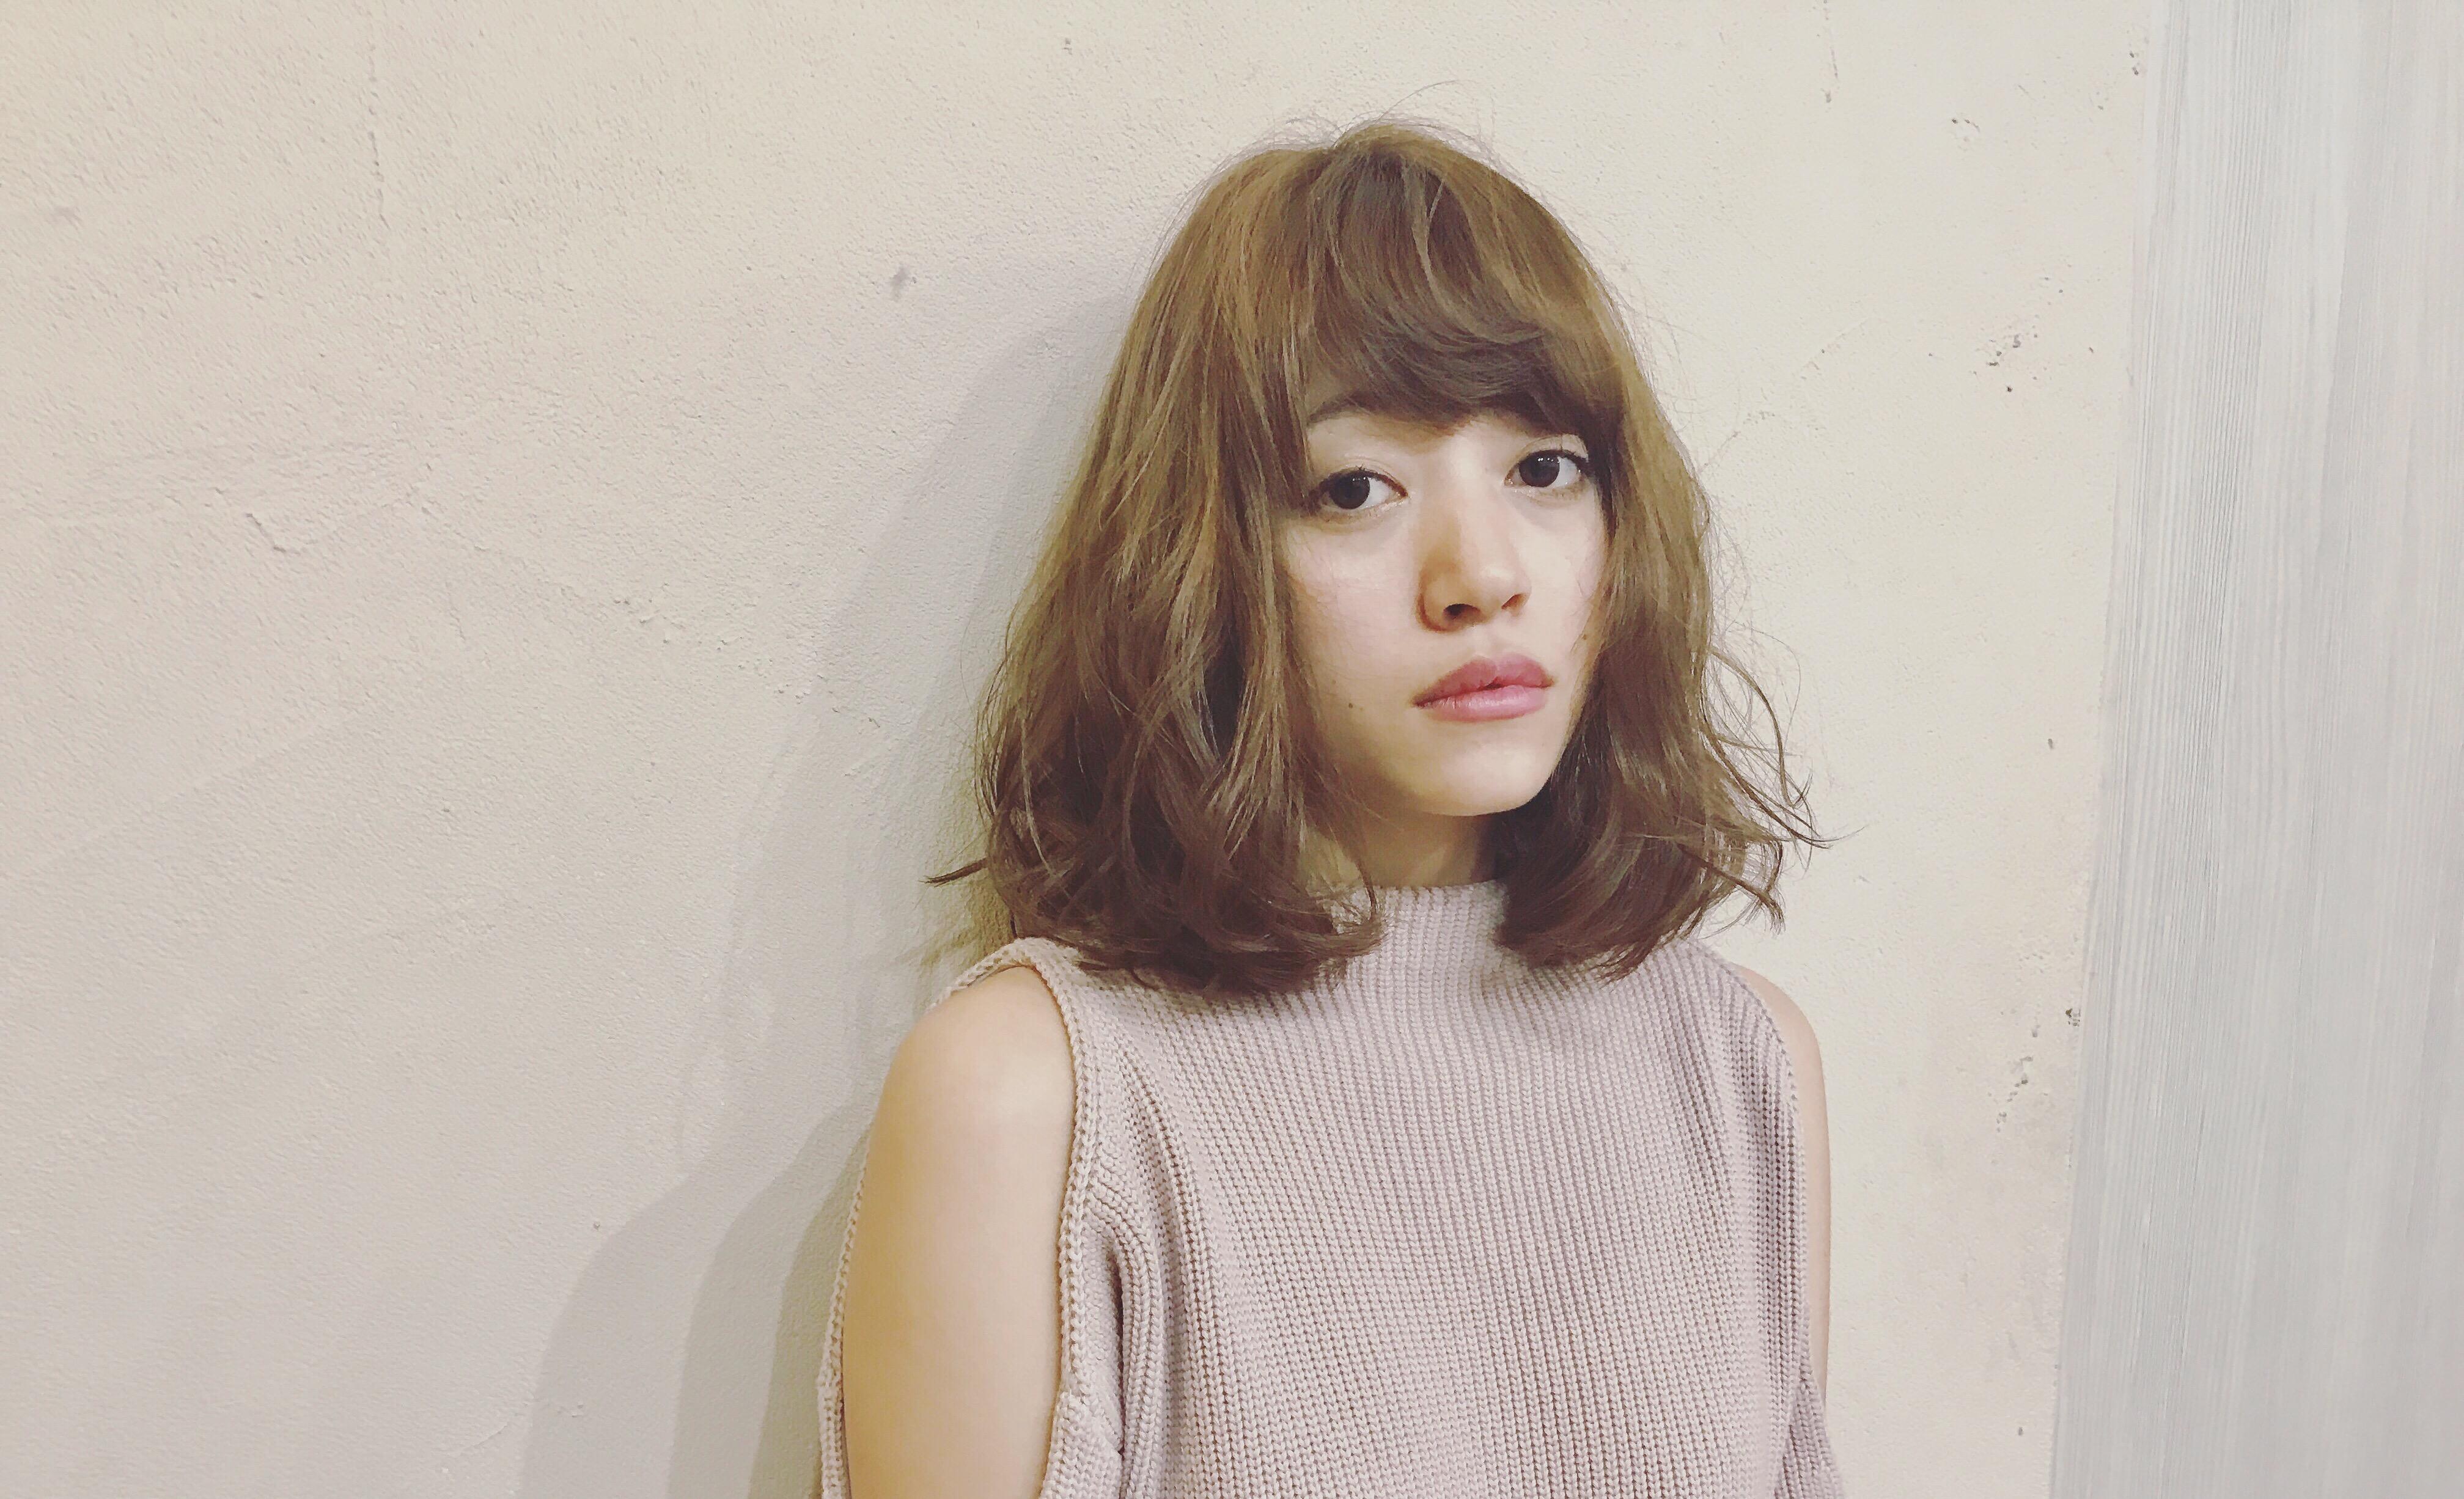 透明感のある髪色、アッシュライトブロンド×ロブ